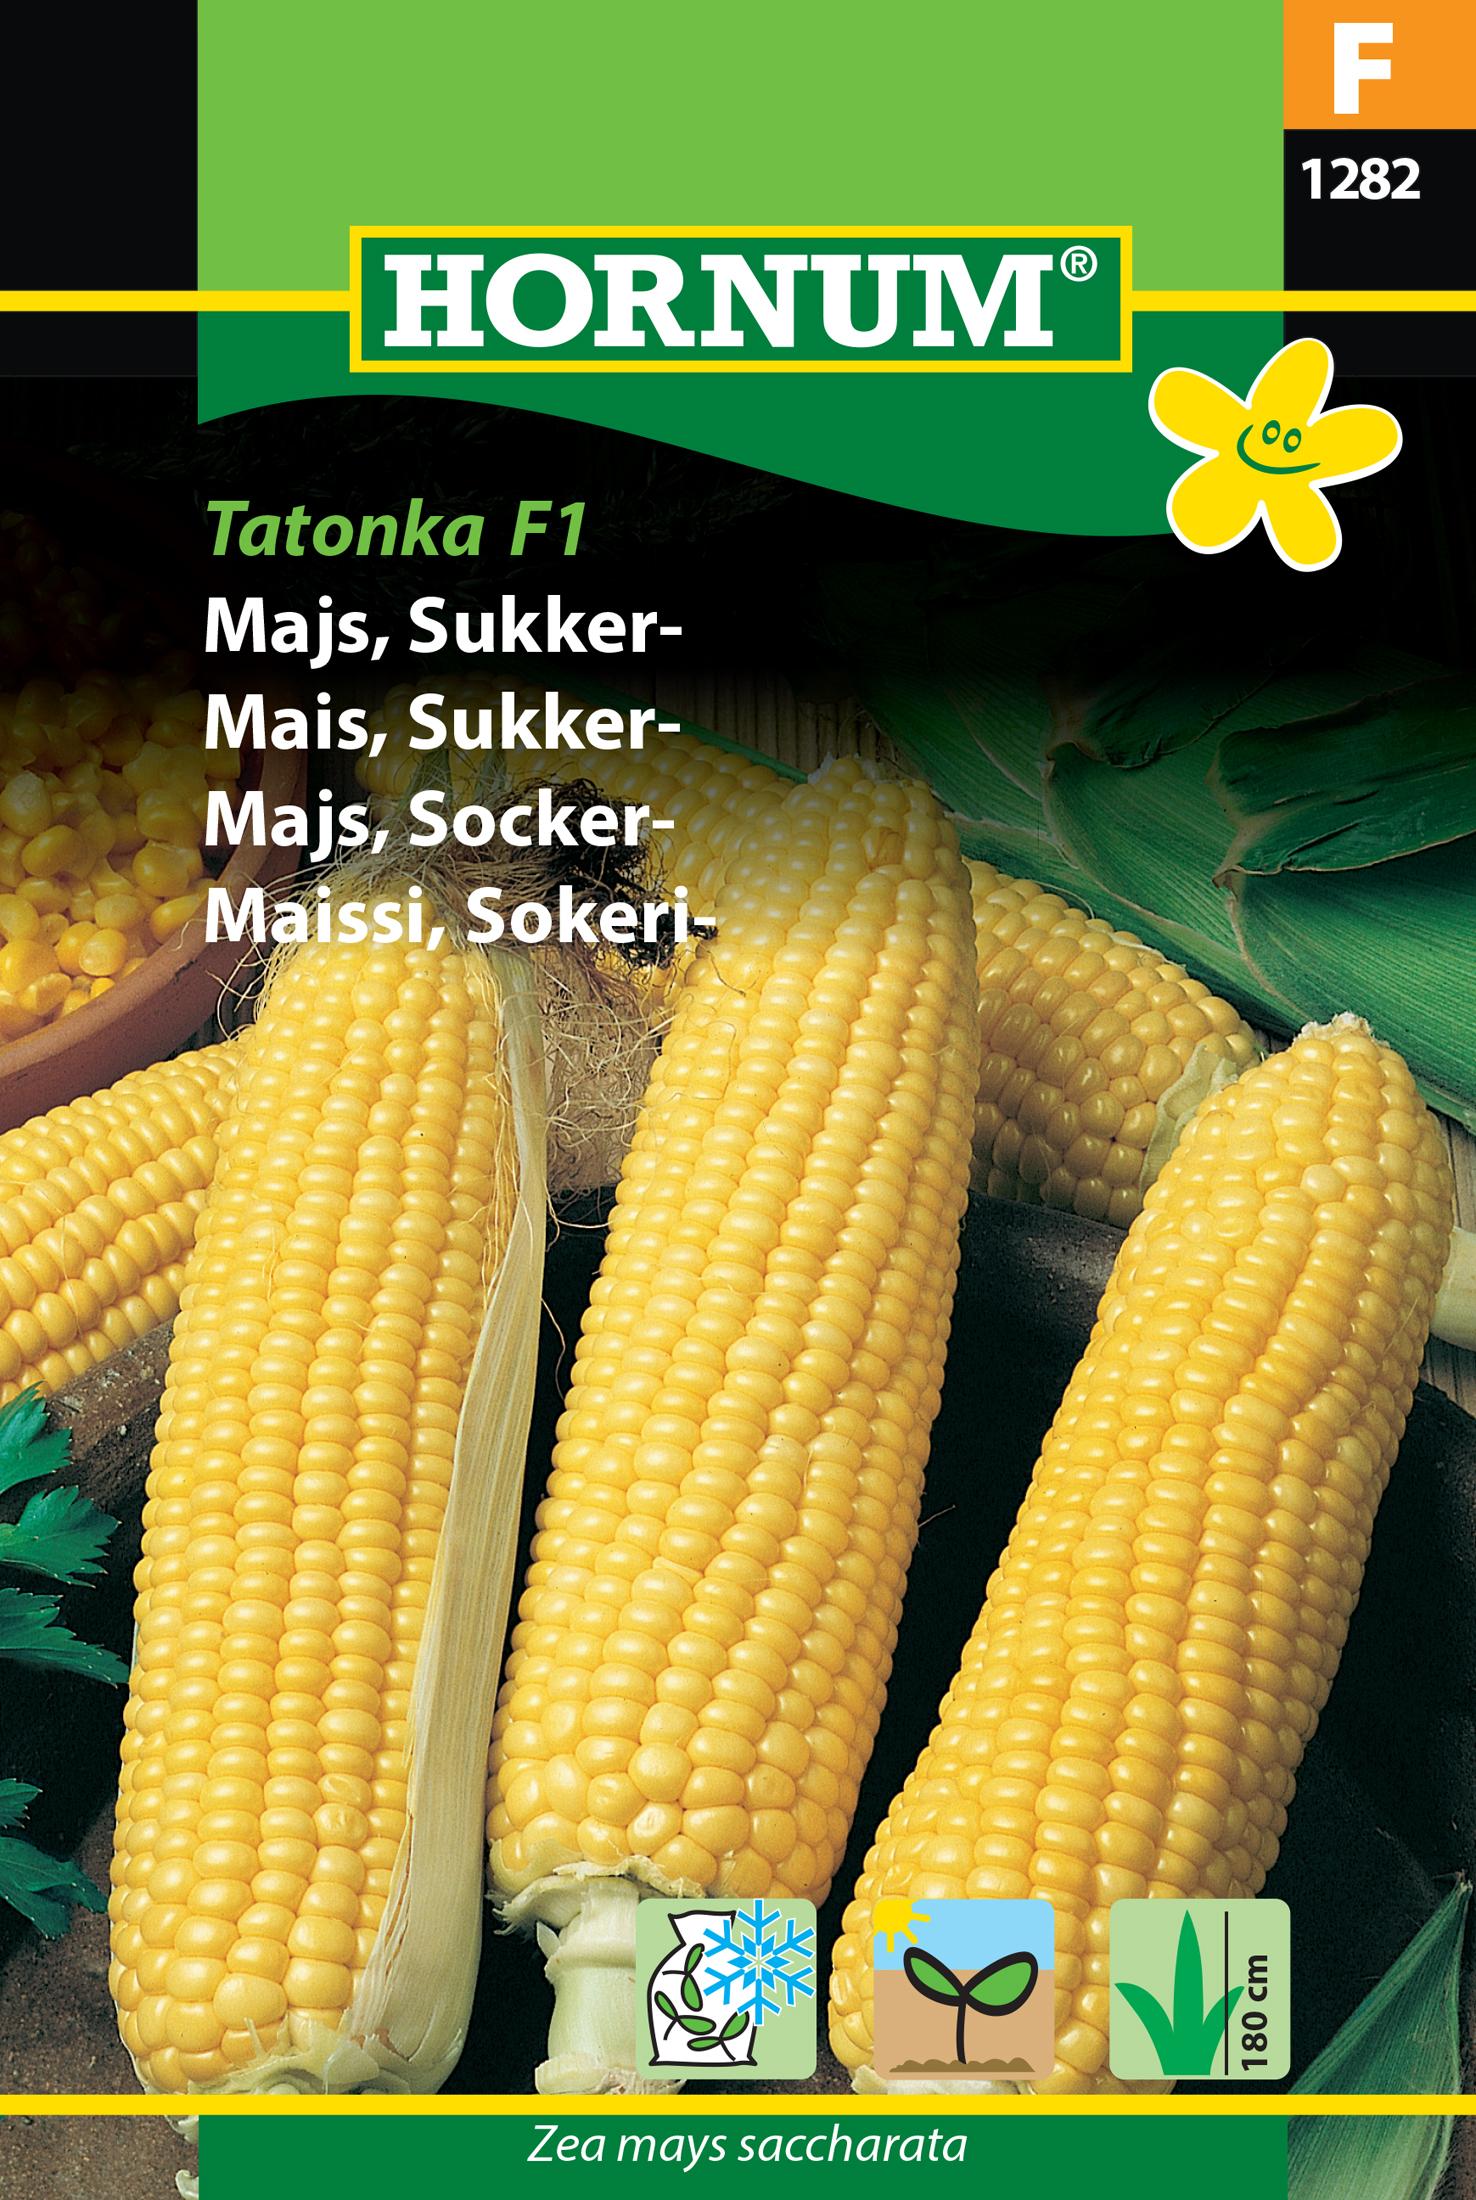 Majs, Socker- 'Tatonka' F1